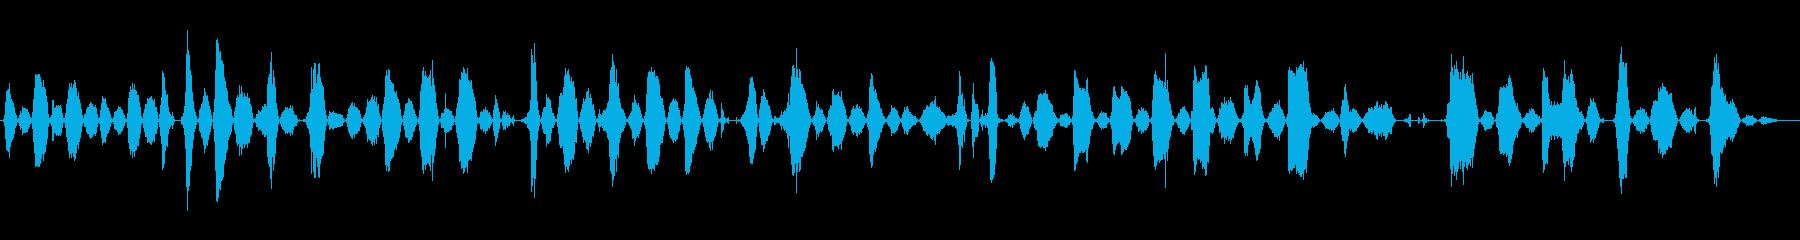 成人男性:痛みを伴う呼吸と喘ぎの再生済みの波形